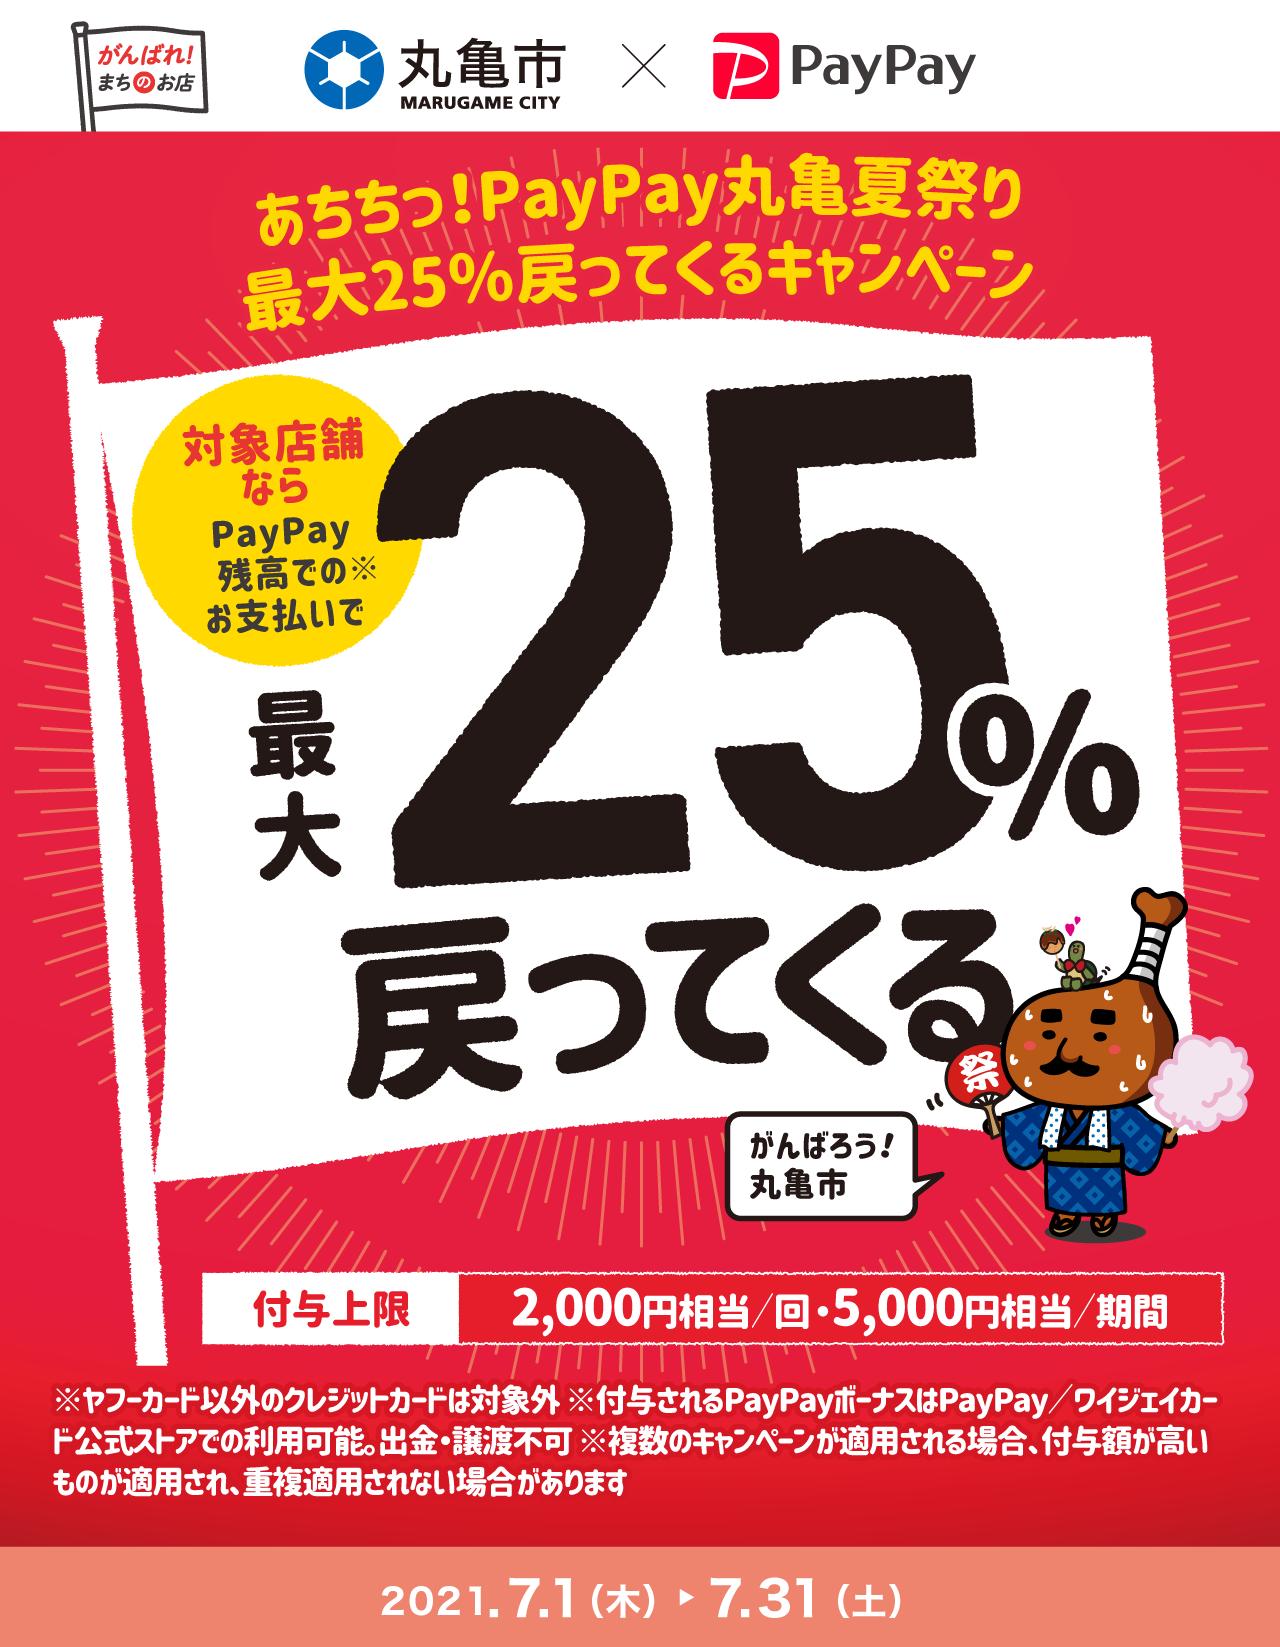 あちちっ!PayPay丸亀夏祭り 最大25%戻ってくるキャンペーン 対象店舗ならPayPay残高でのお支払いで最大25%戻ってくる